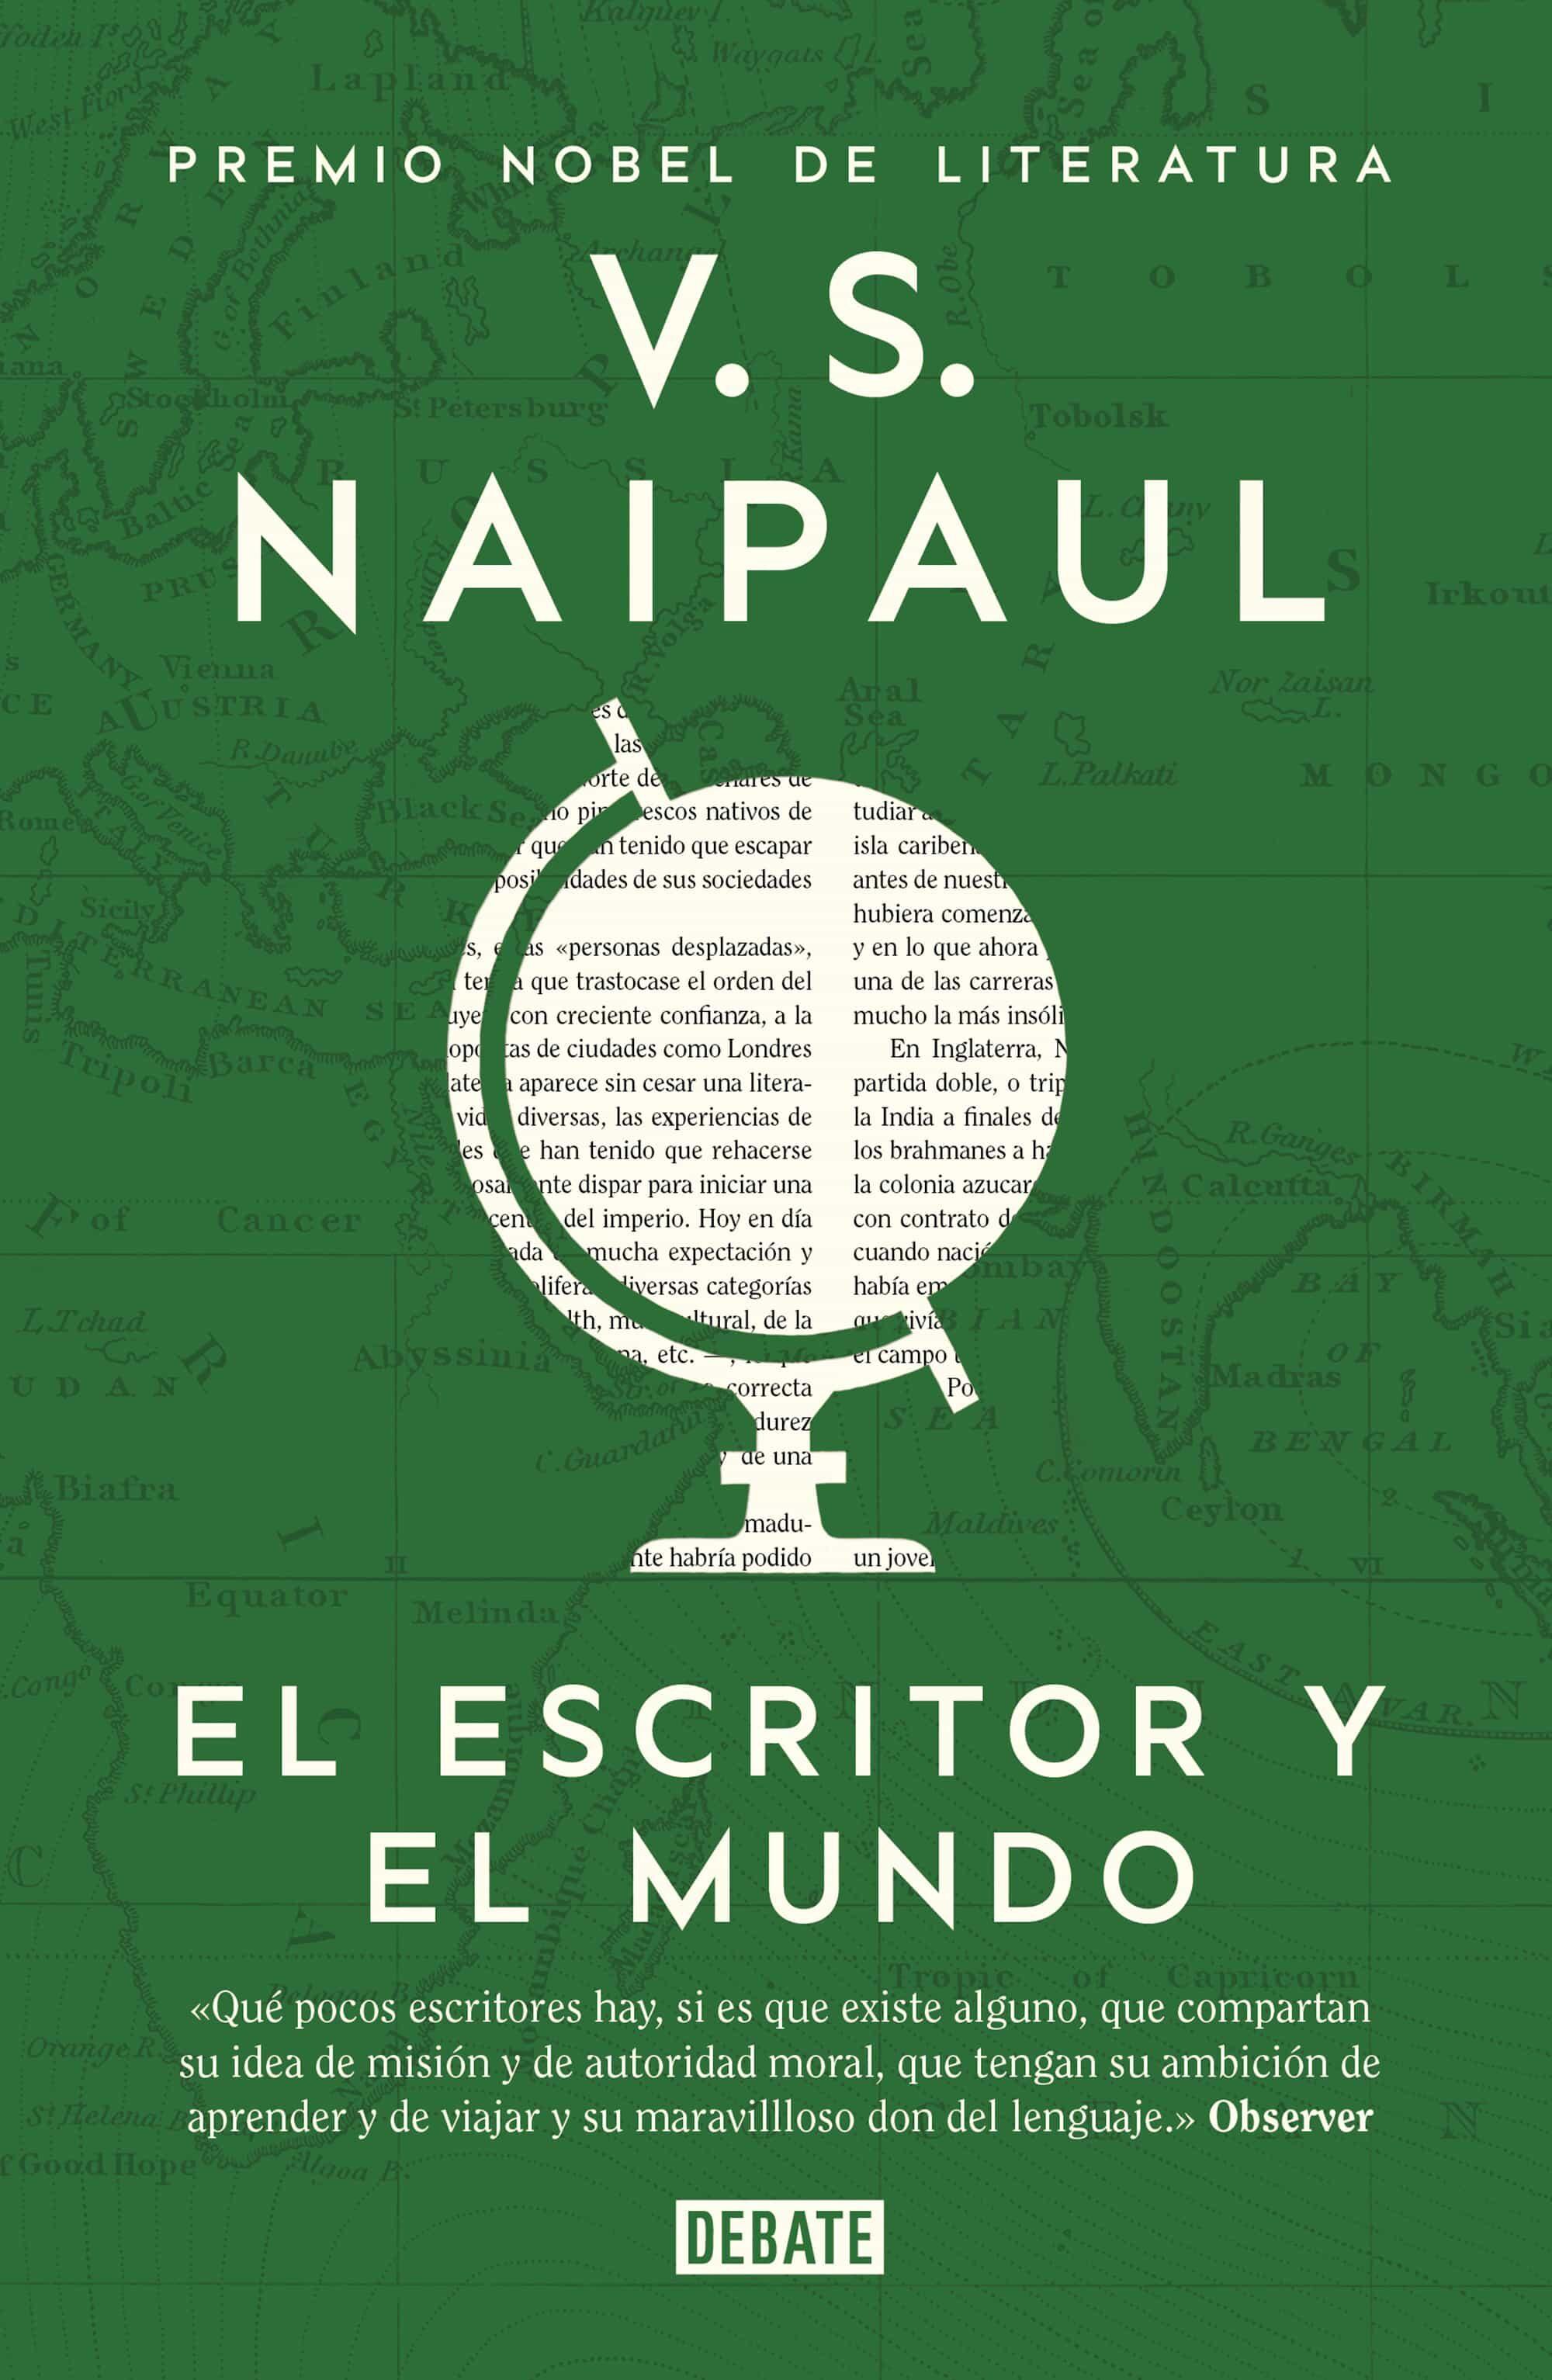 El Escritor Y El Mundo: Ensayos por V.s. Naipaul